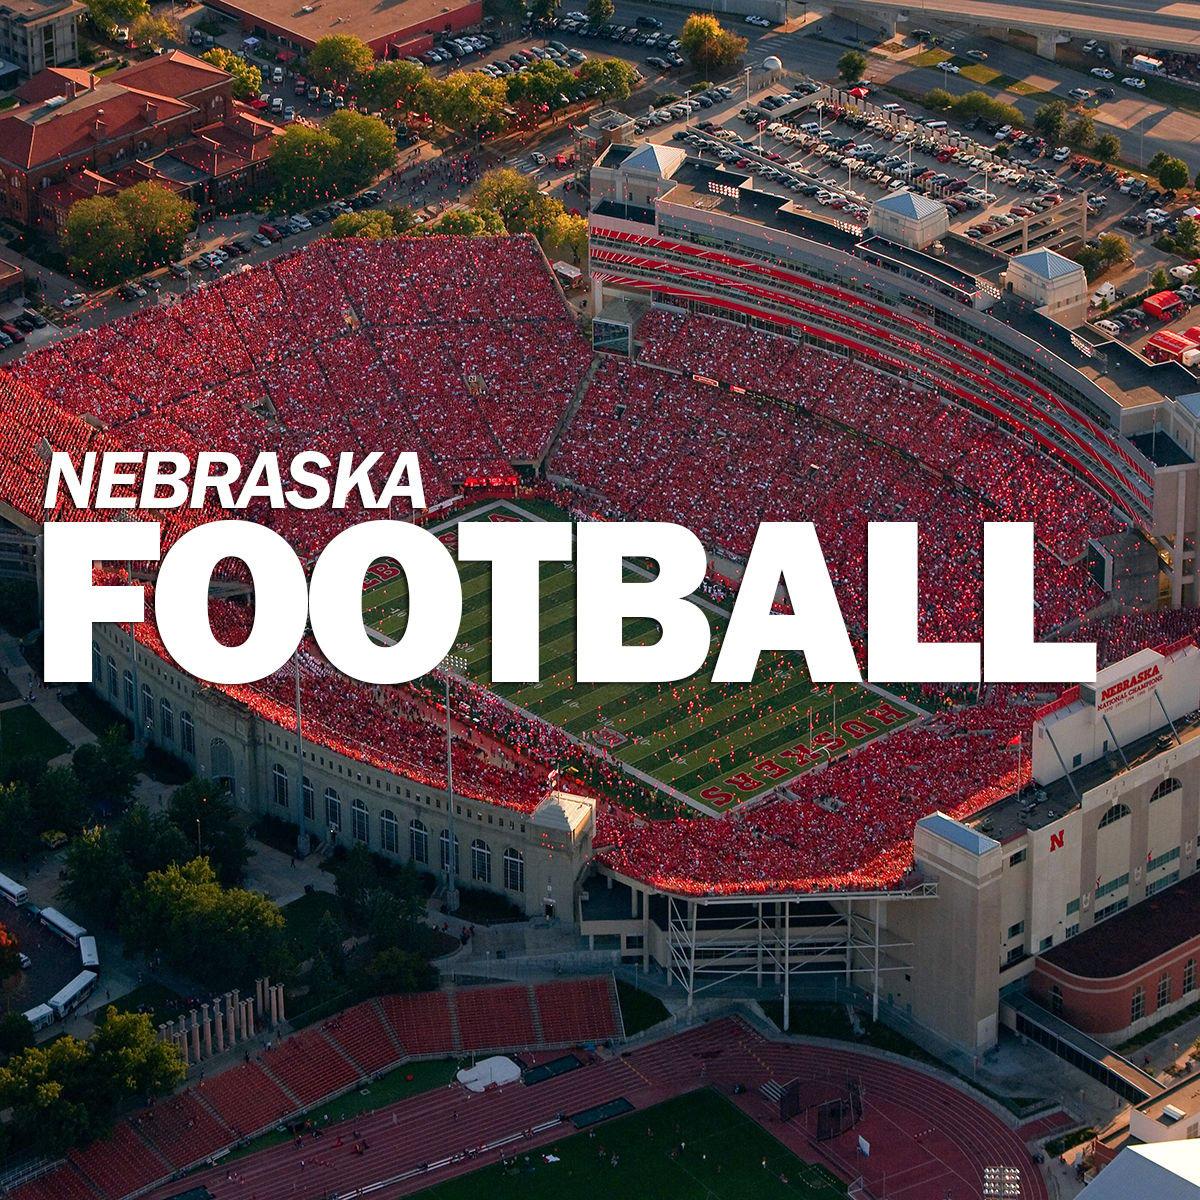 14 game at Nebraska